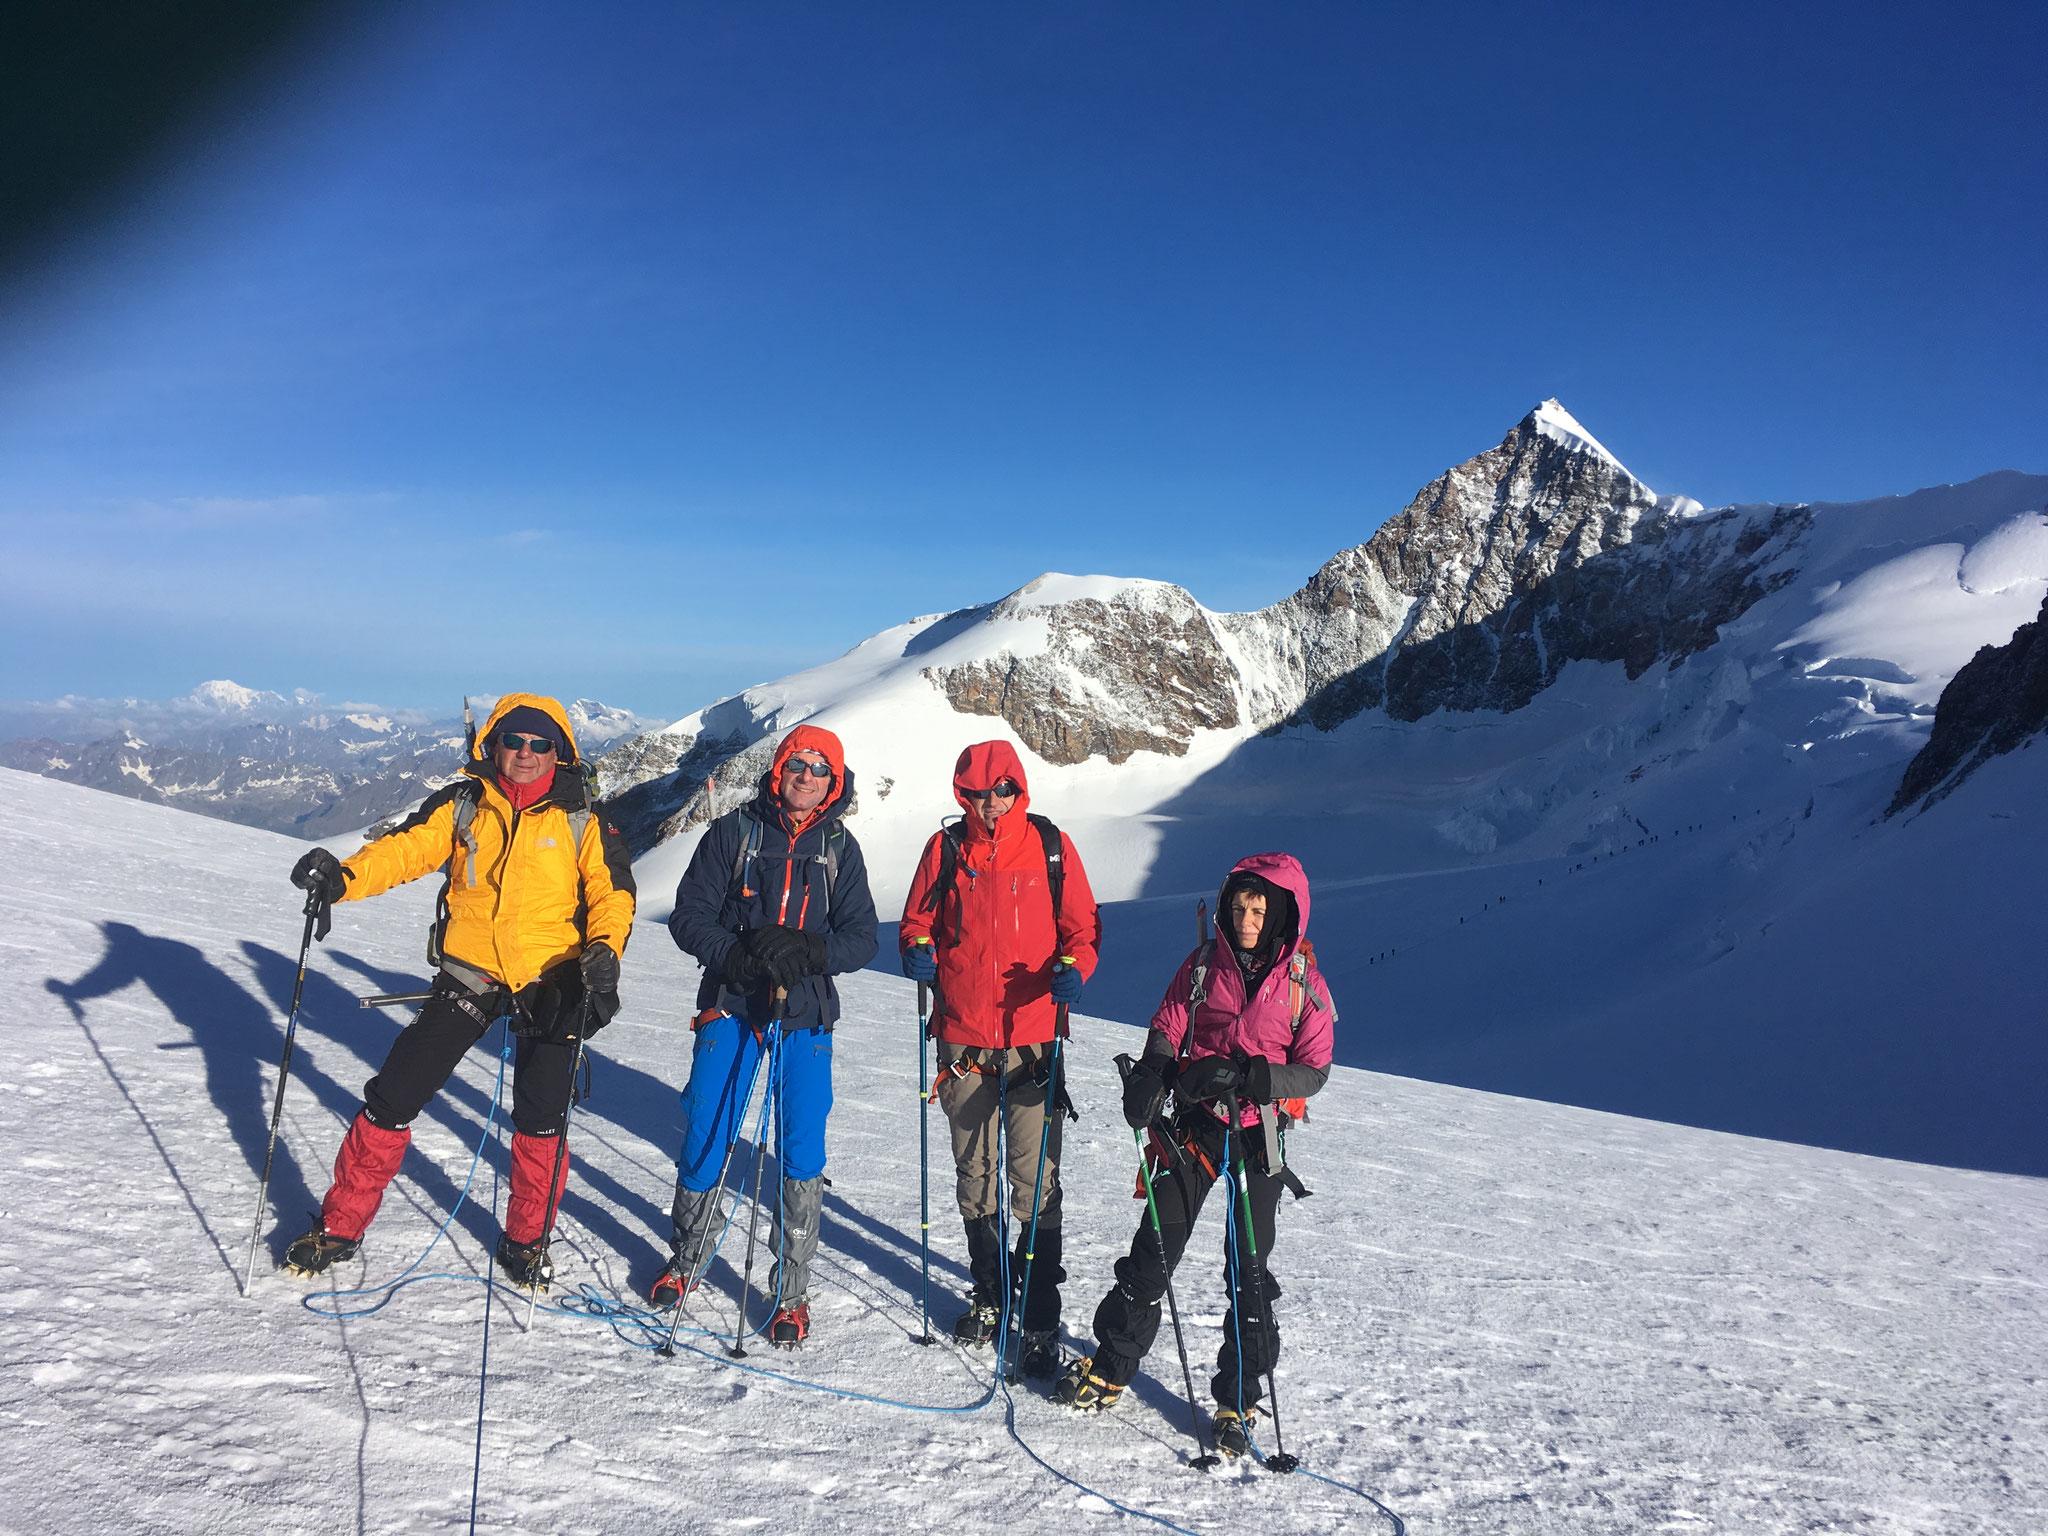 La cordée au col avant de rejoindre le sommet